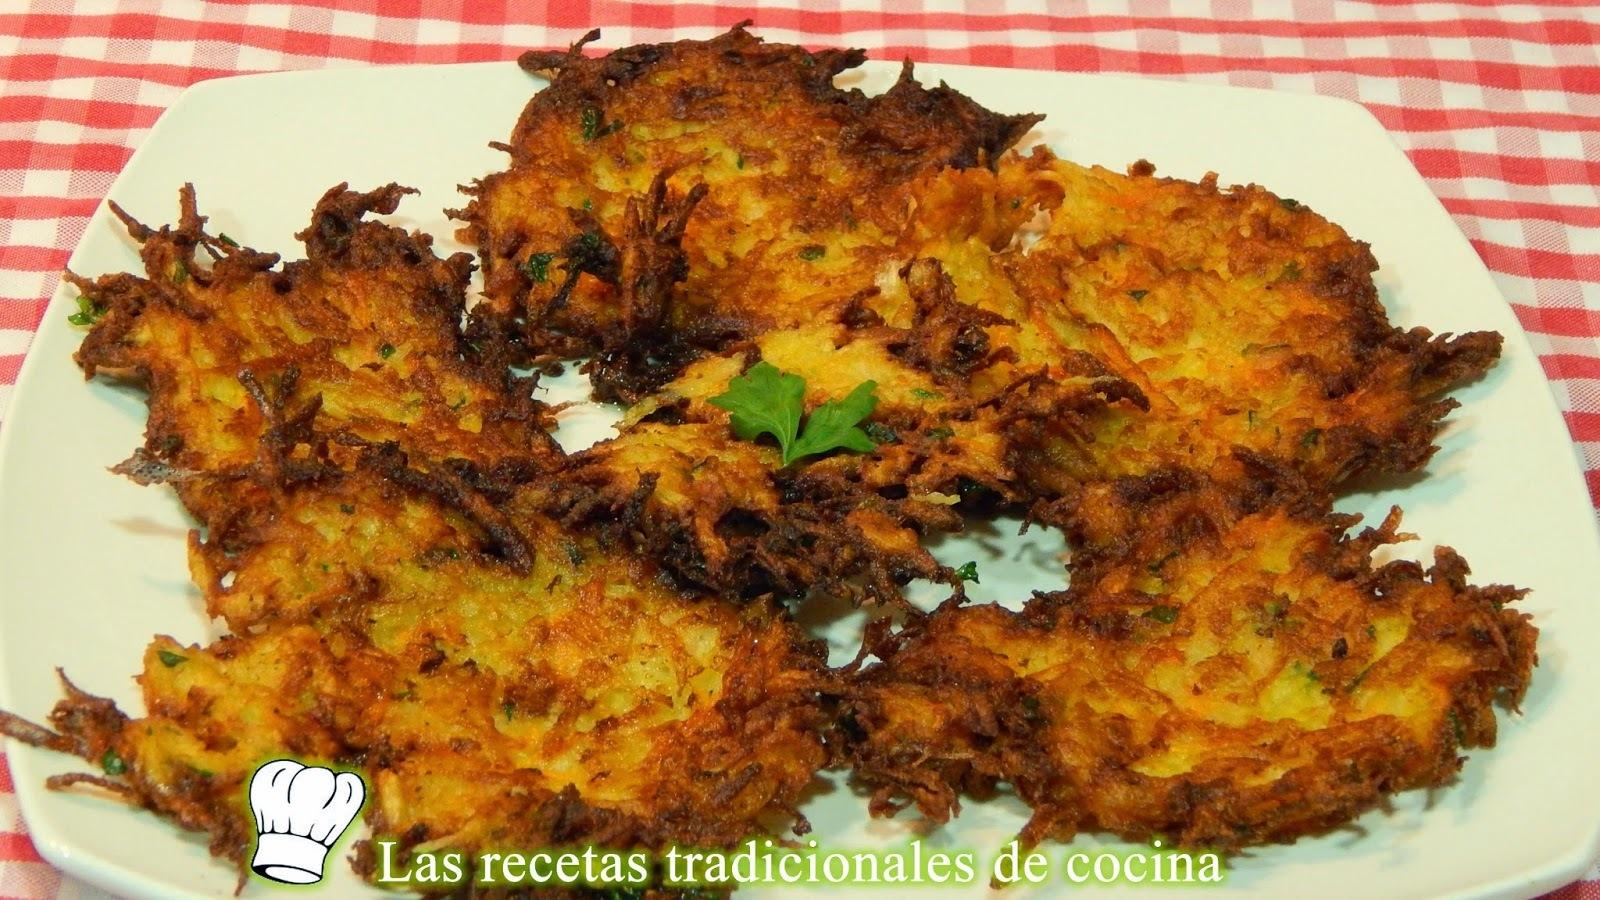 Receta de tortillitas de patata o papas